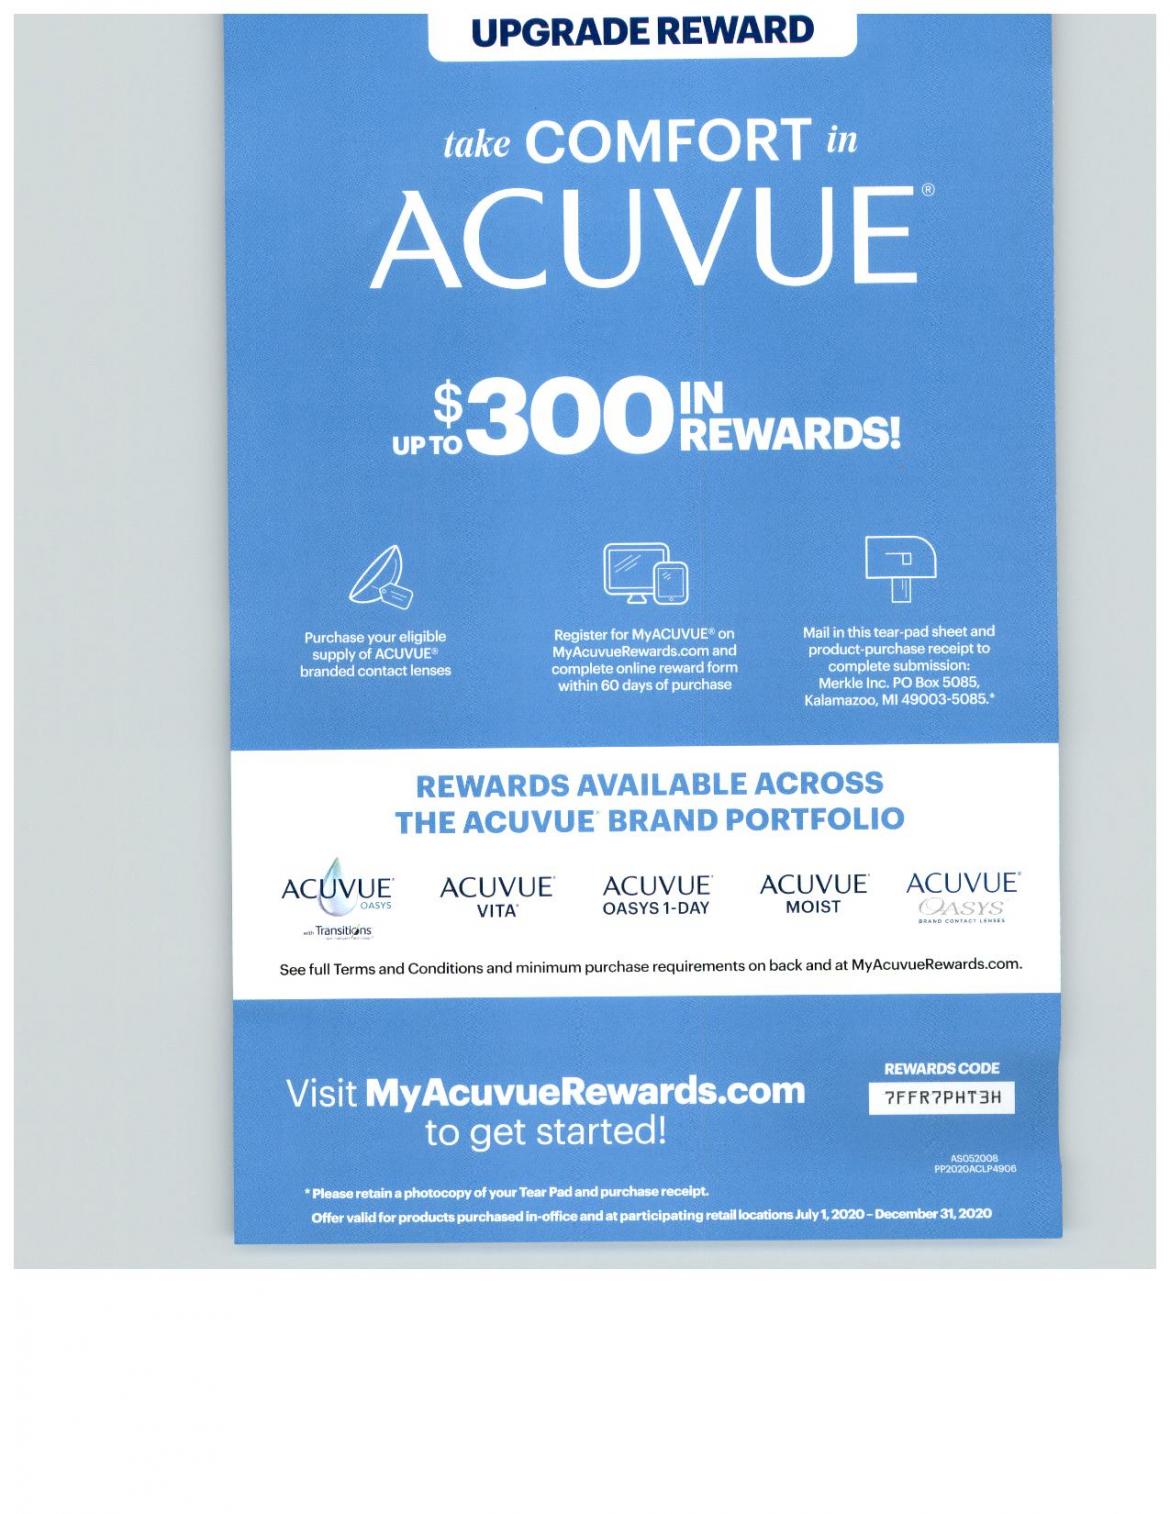 Acuvue-new-patient-rebate-page-001.jpg